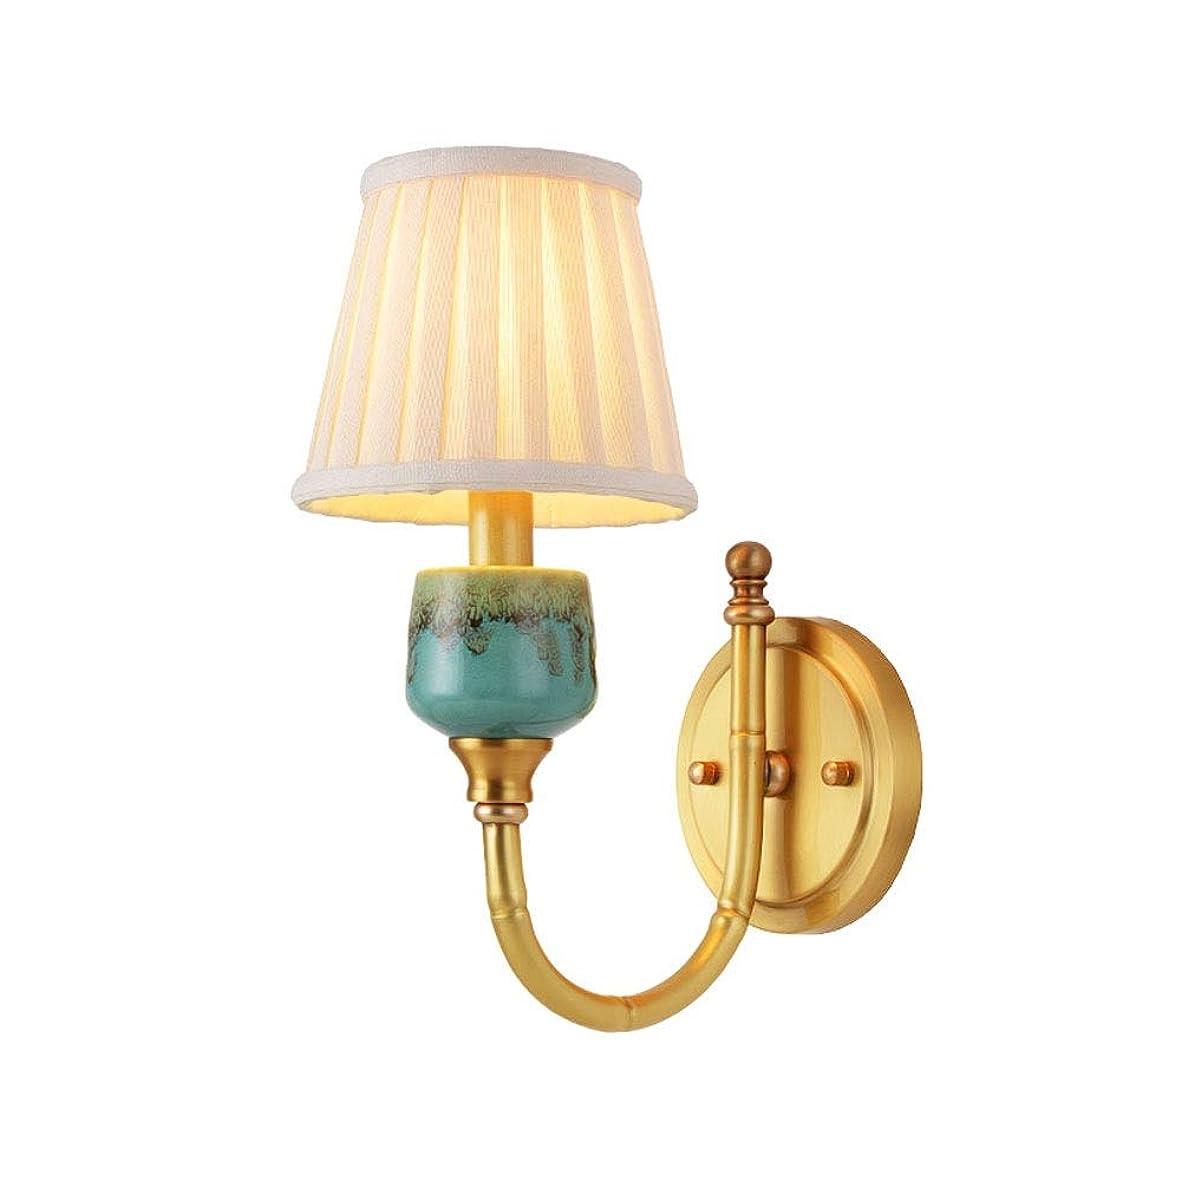 ノーブル銃メディカルBEDKING E14 セラミック布製壁ランプ フレンチ懐中電灯 装飾 壁ライト 廊下 キッチン 寝室 ベッドサイド ランプ レストラン シンプル 壁ランタン